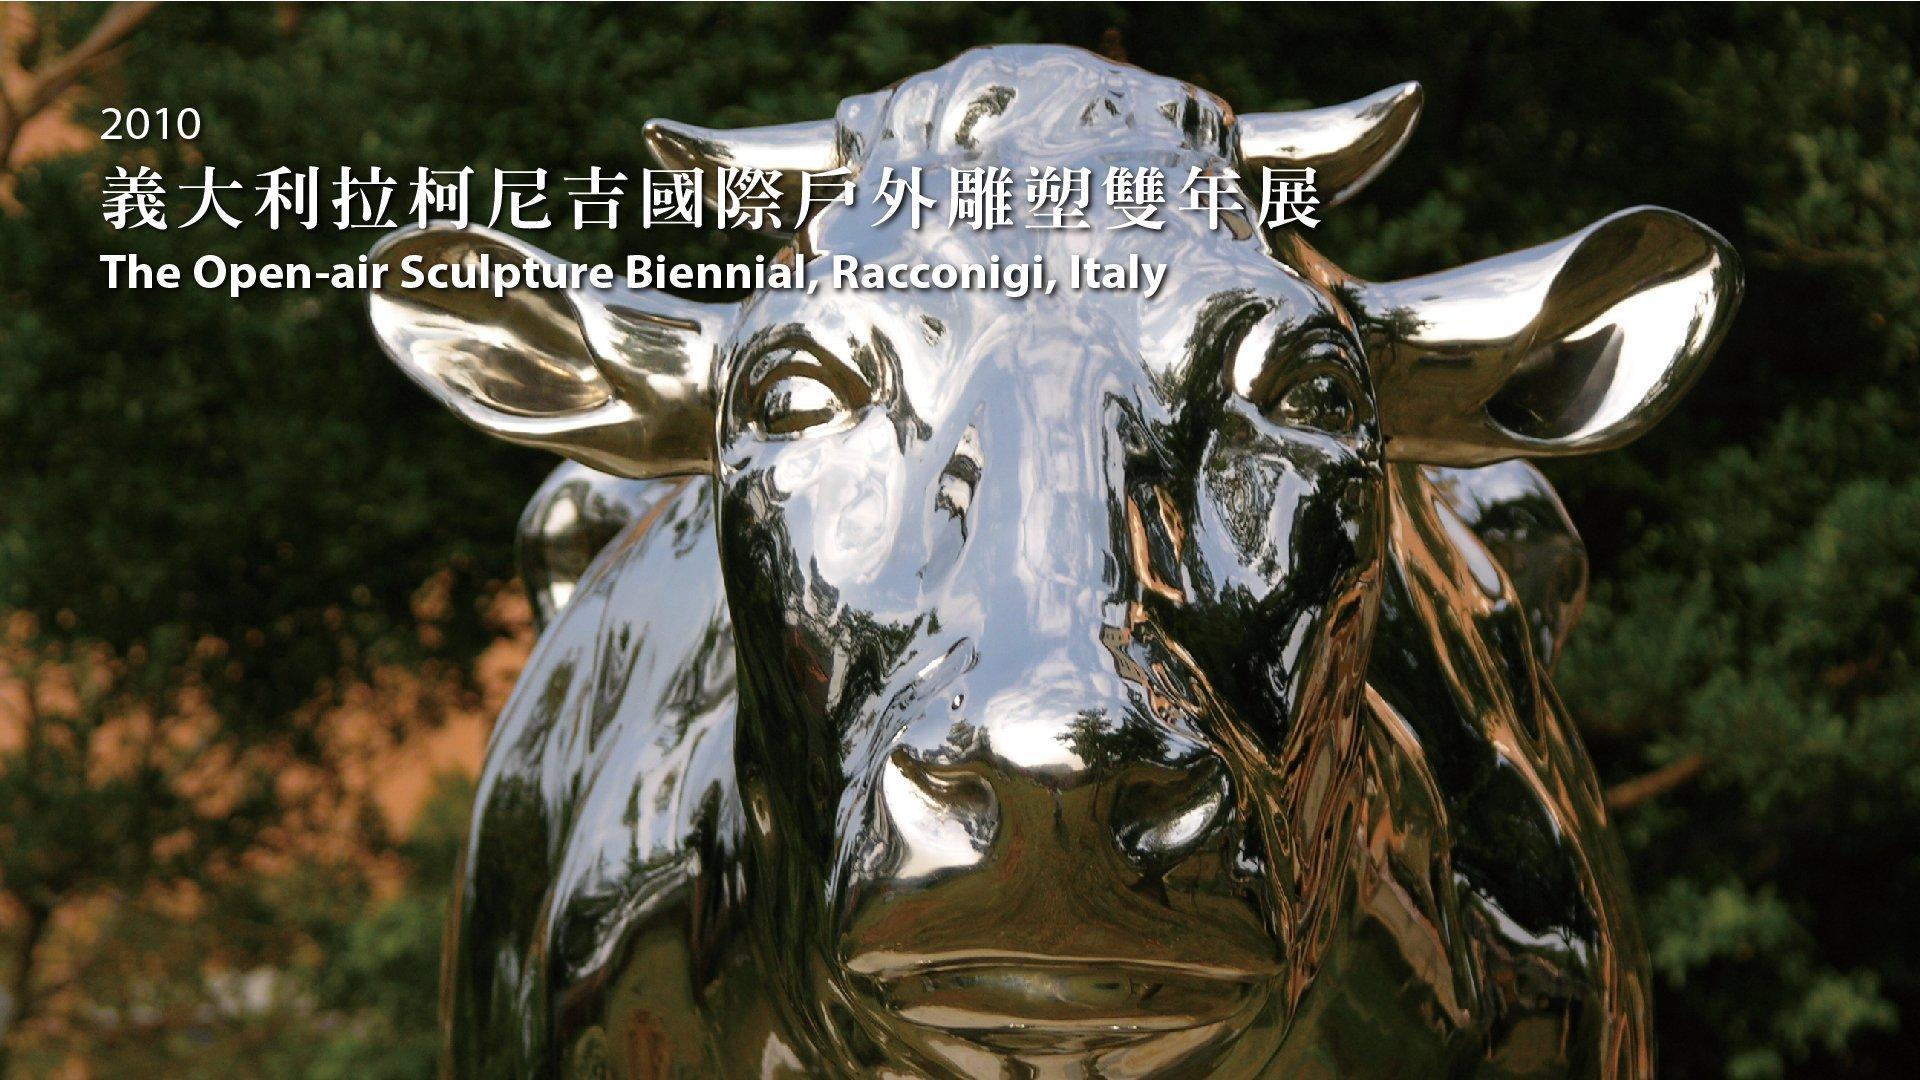 2010 義大利拉柯尼吉國際戶外雕塑雙年展 -